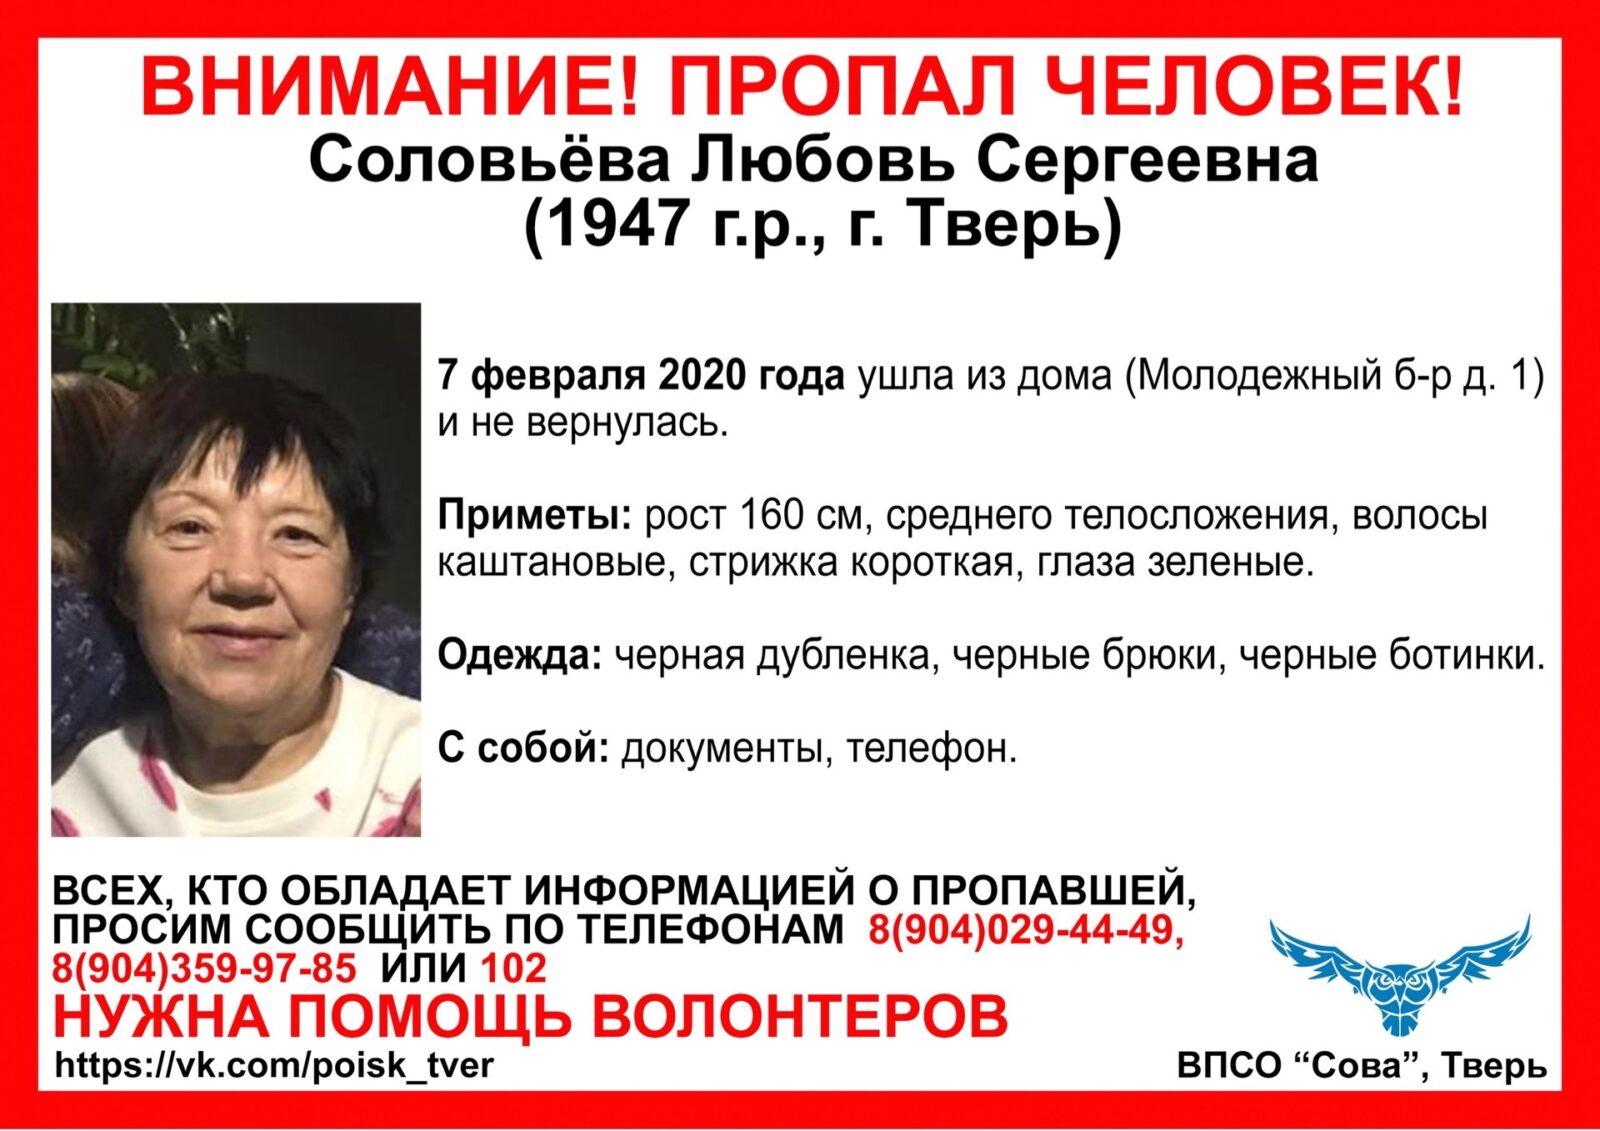 Пожилая женщина пропала в Тверской области